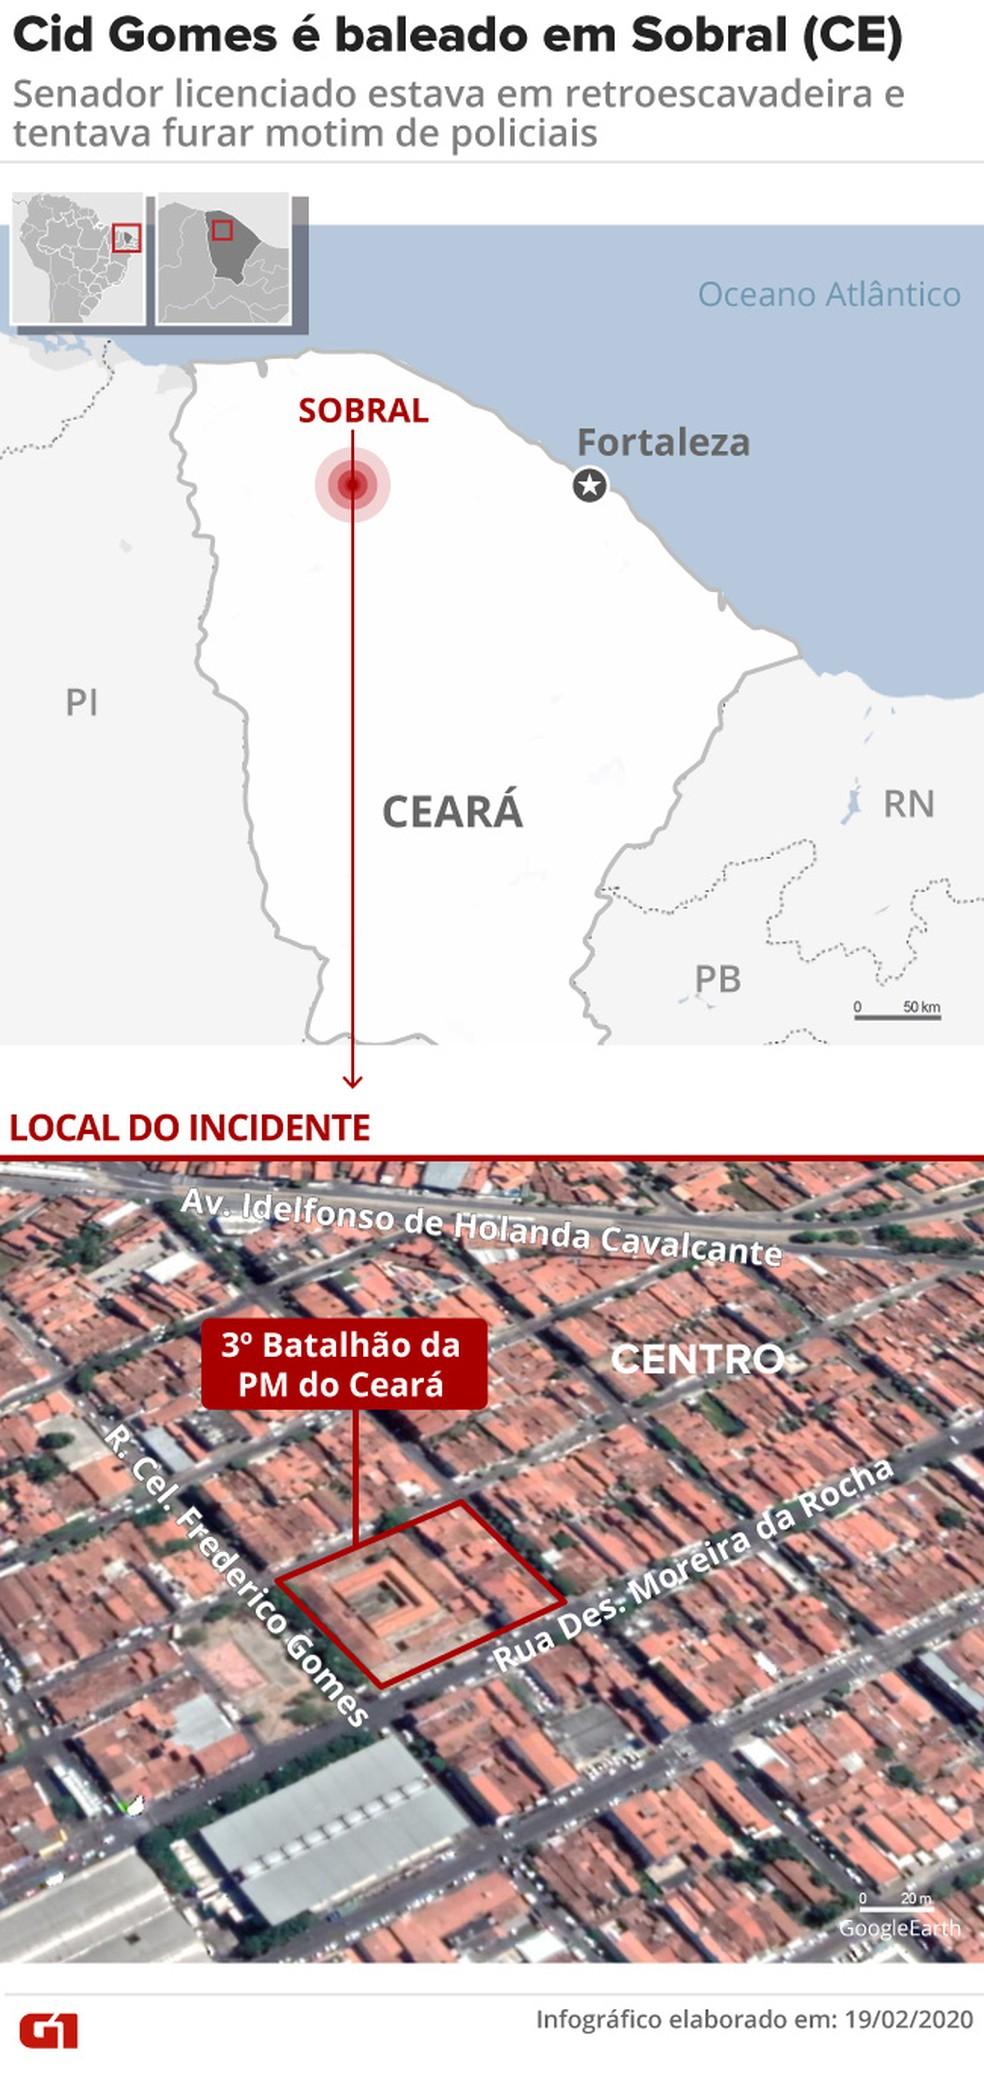 Cid Gomes é baleado em Sobral — Foto: Arte/G1